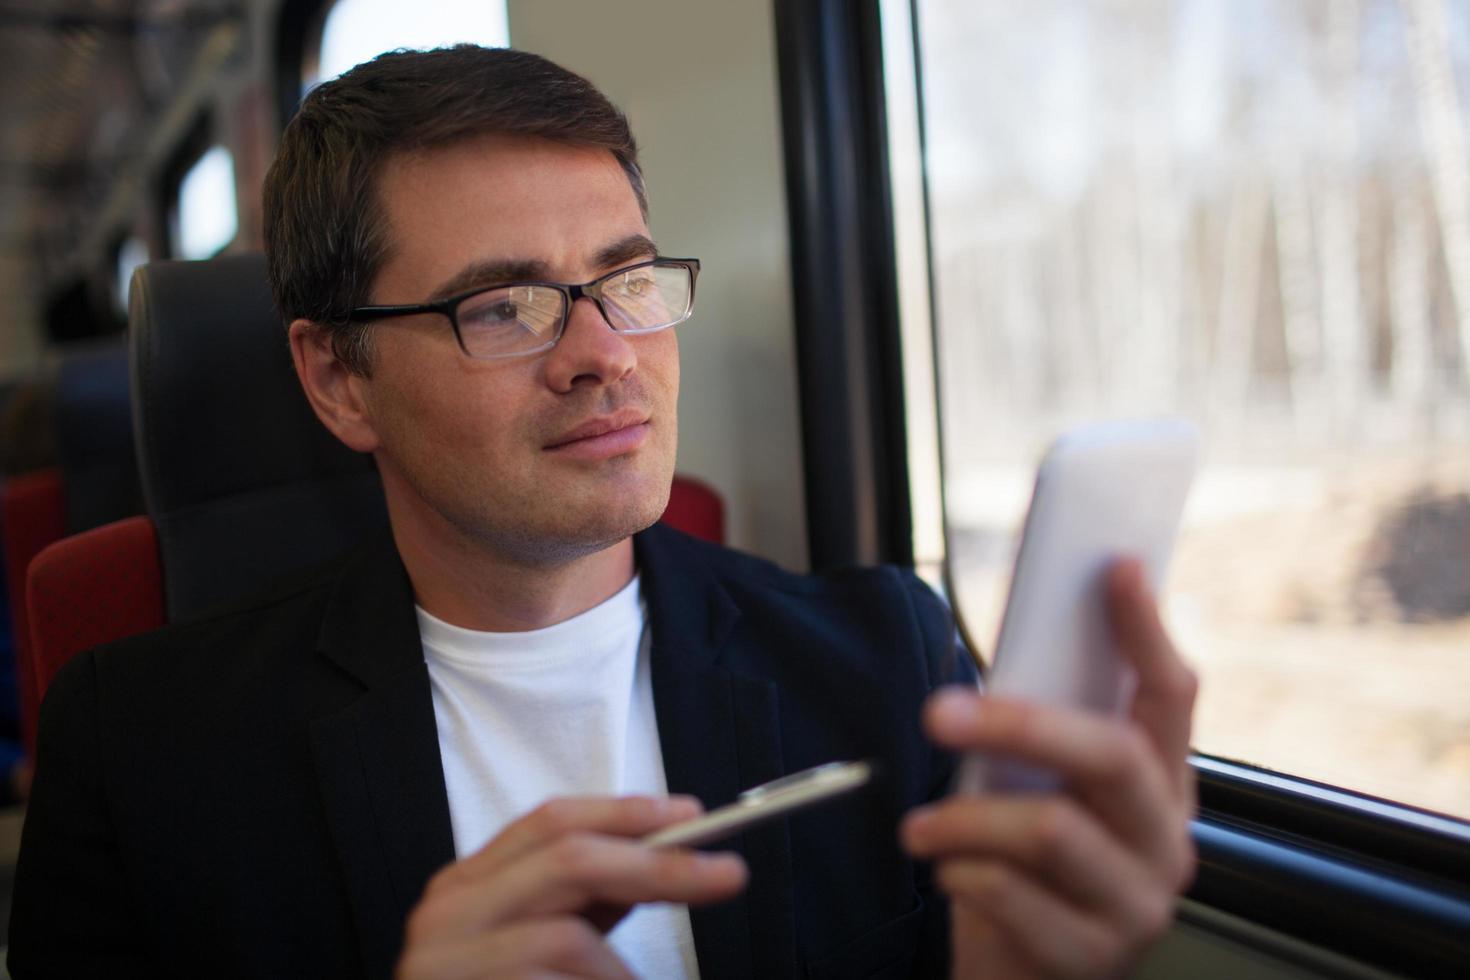 homme utilisant un téléphone dans un train photo